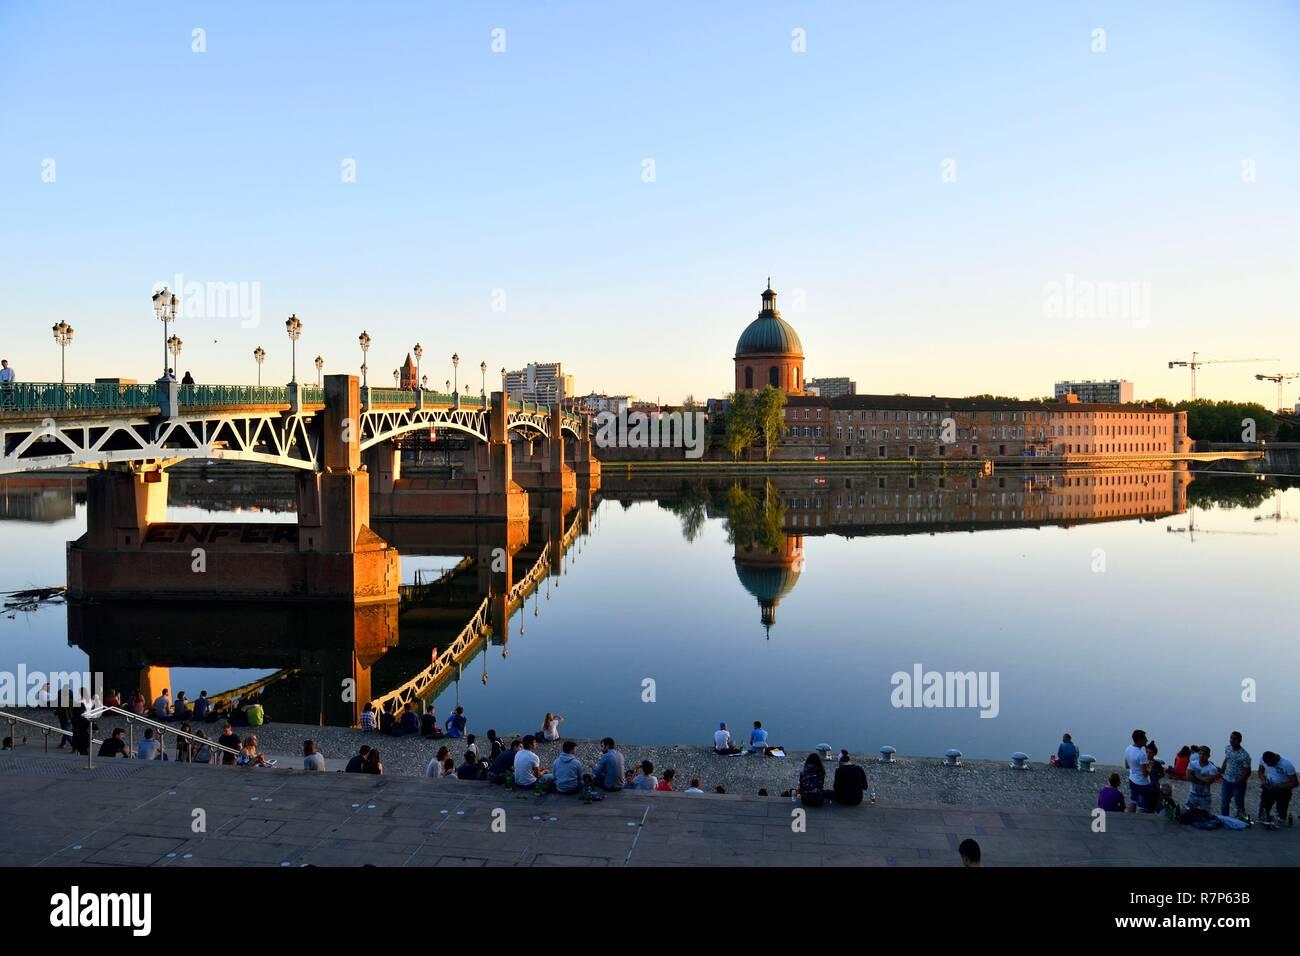 France, Haute Garonne, Toulouse, Garonne banks, Henri Martin Promenade, Quai Saint Pierre, Saint Pierre bridge and dome of Saint Joseph de la Grave Hospital - Stock Image